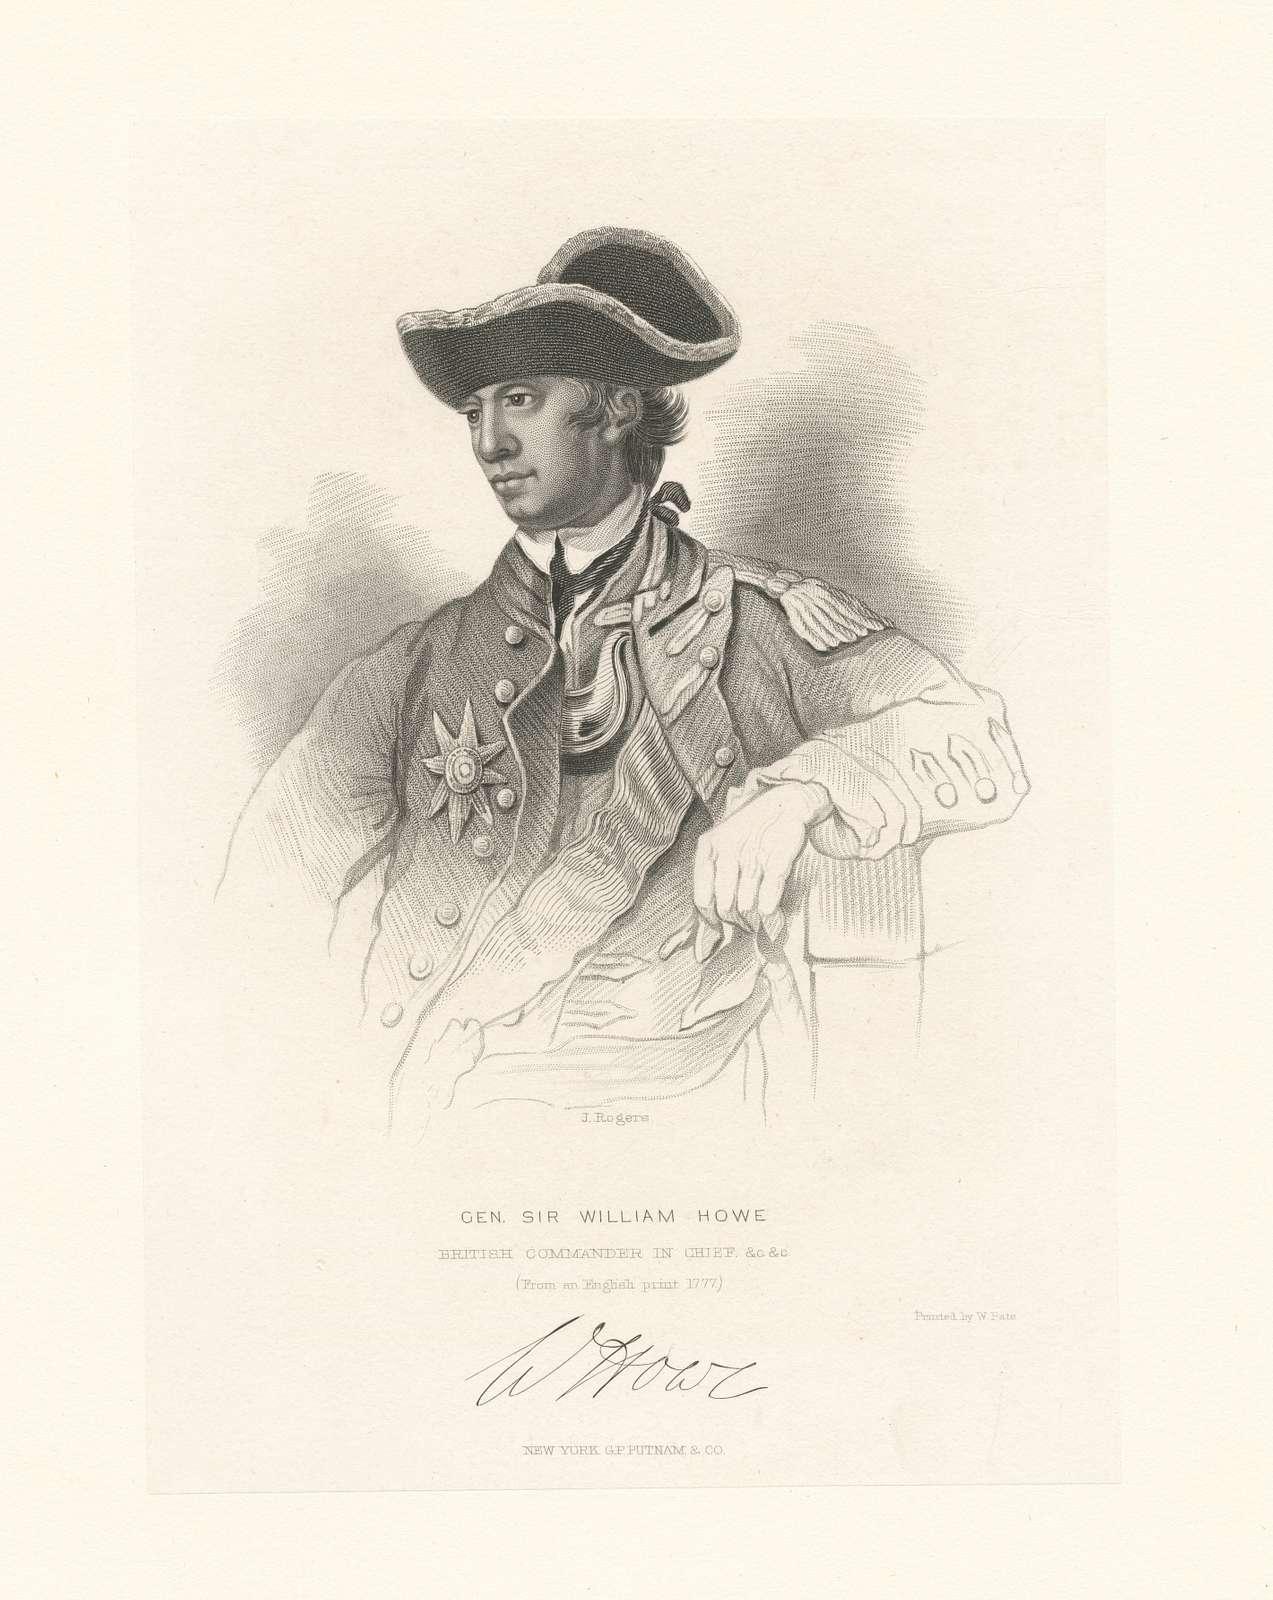 Gen. Sir William Howe, British Commander in Chief.